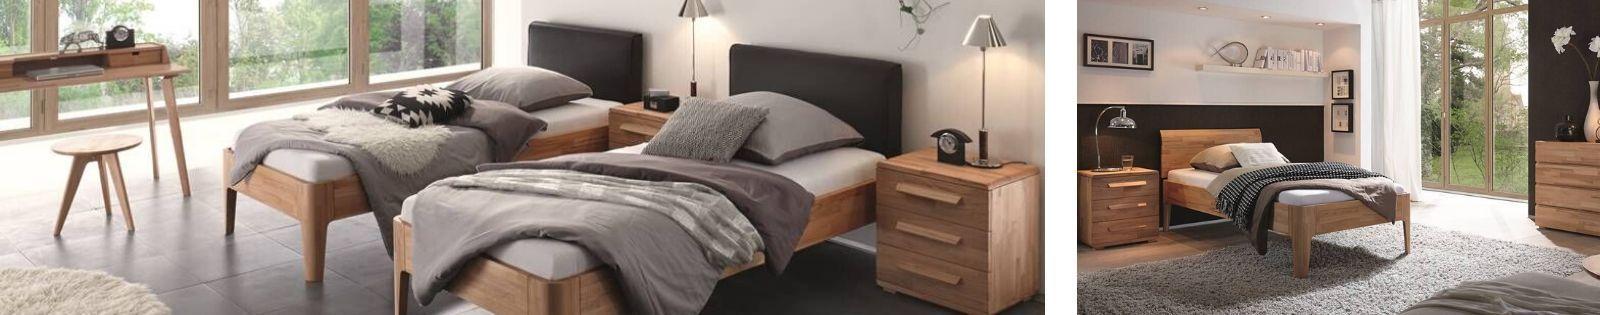 HASENA : GAMME COMFORT. Meubles de qualité pour votre chambre.